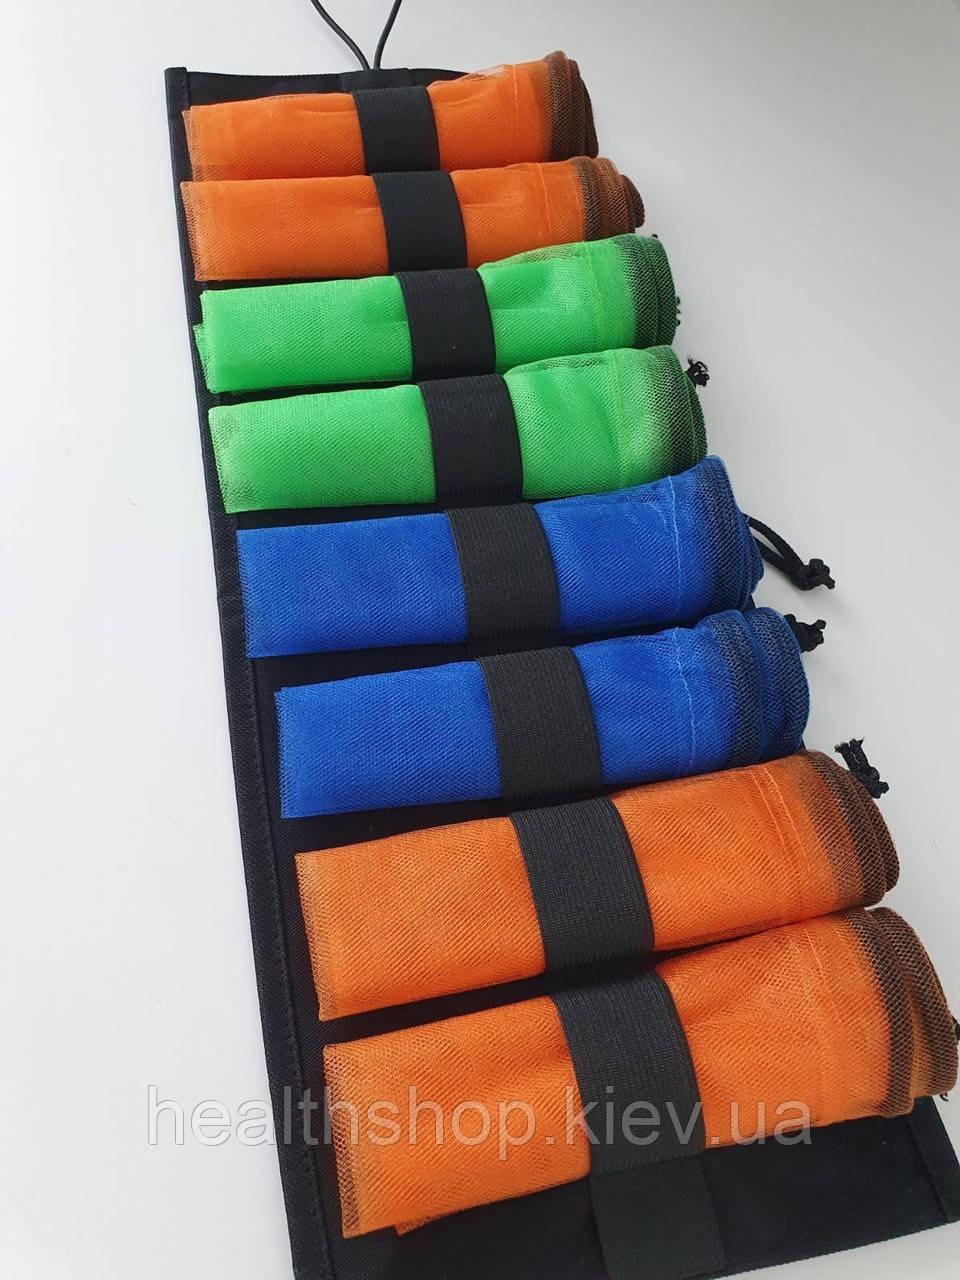 Многоразовые мешочки для продуктов, эко мешочки, сетки для овощей и фруктов 8 шт. (+ органайзер)